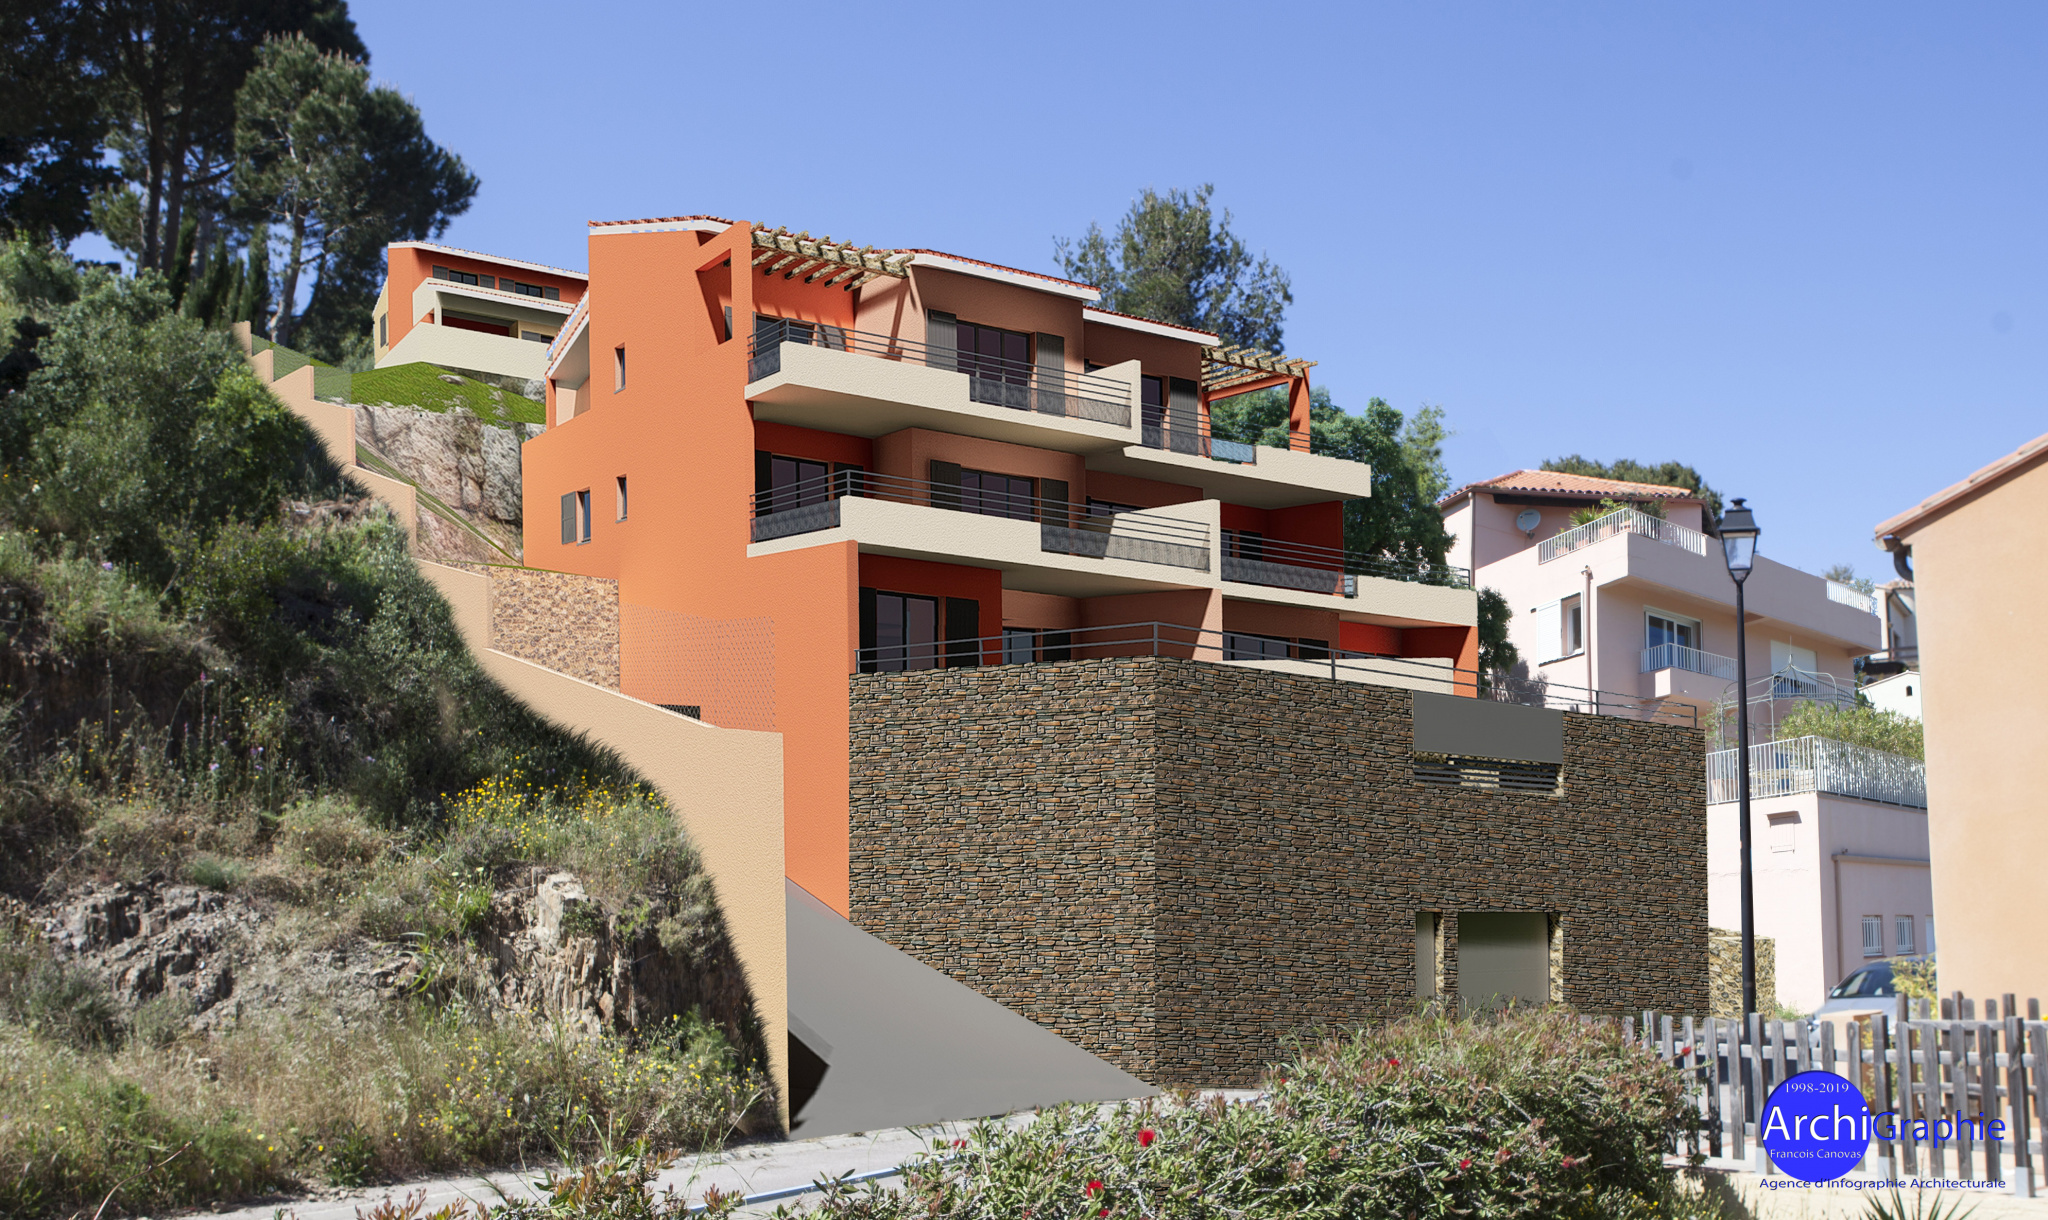 À vendre appartement de 58.93m2 à collioure (66190) - Photo 1'